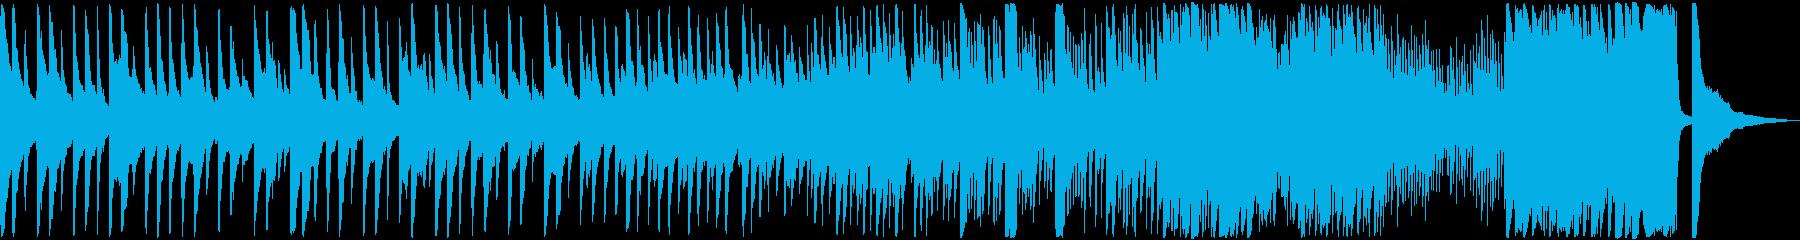 重々しいピアノソロの曲です。の再生済みの波形